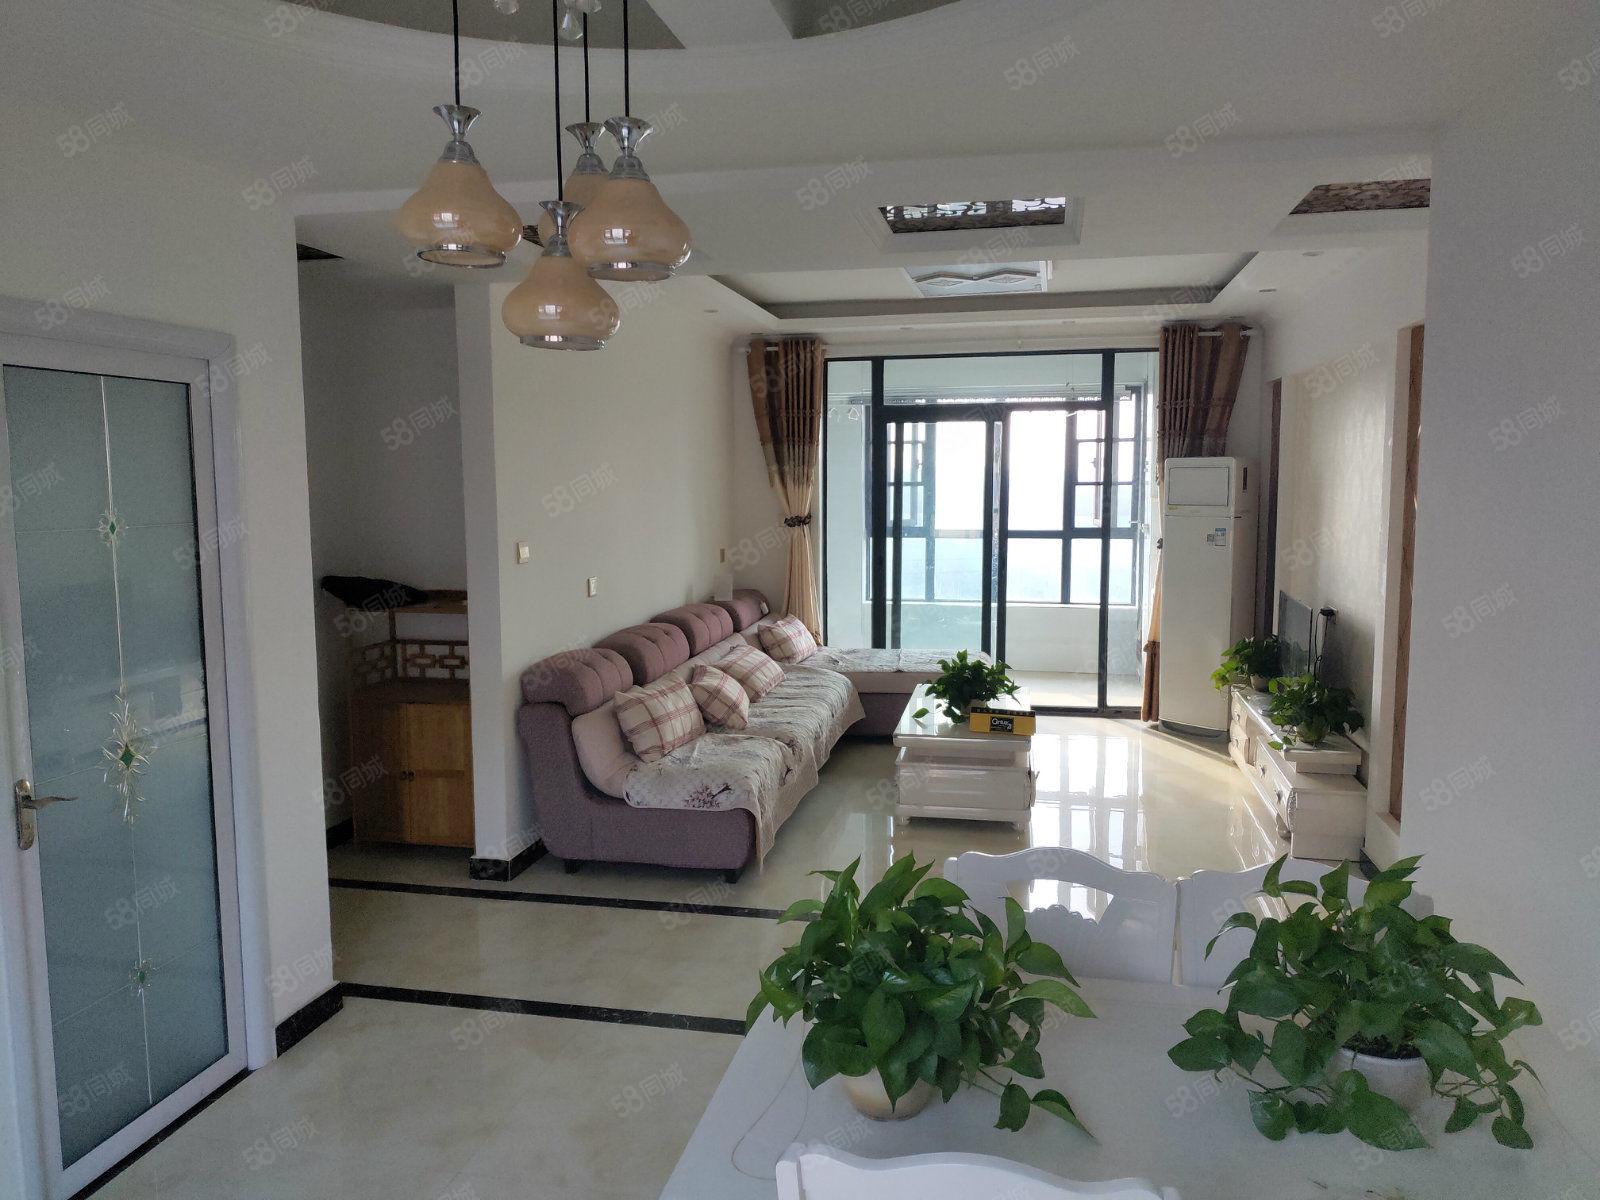 有地暖的房子裕鸿世界港丽园精装2房家具家电齐全家电齐全